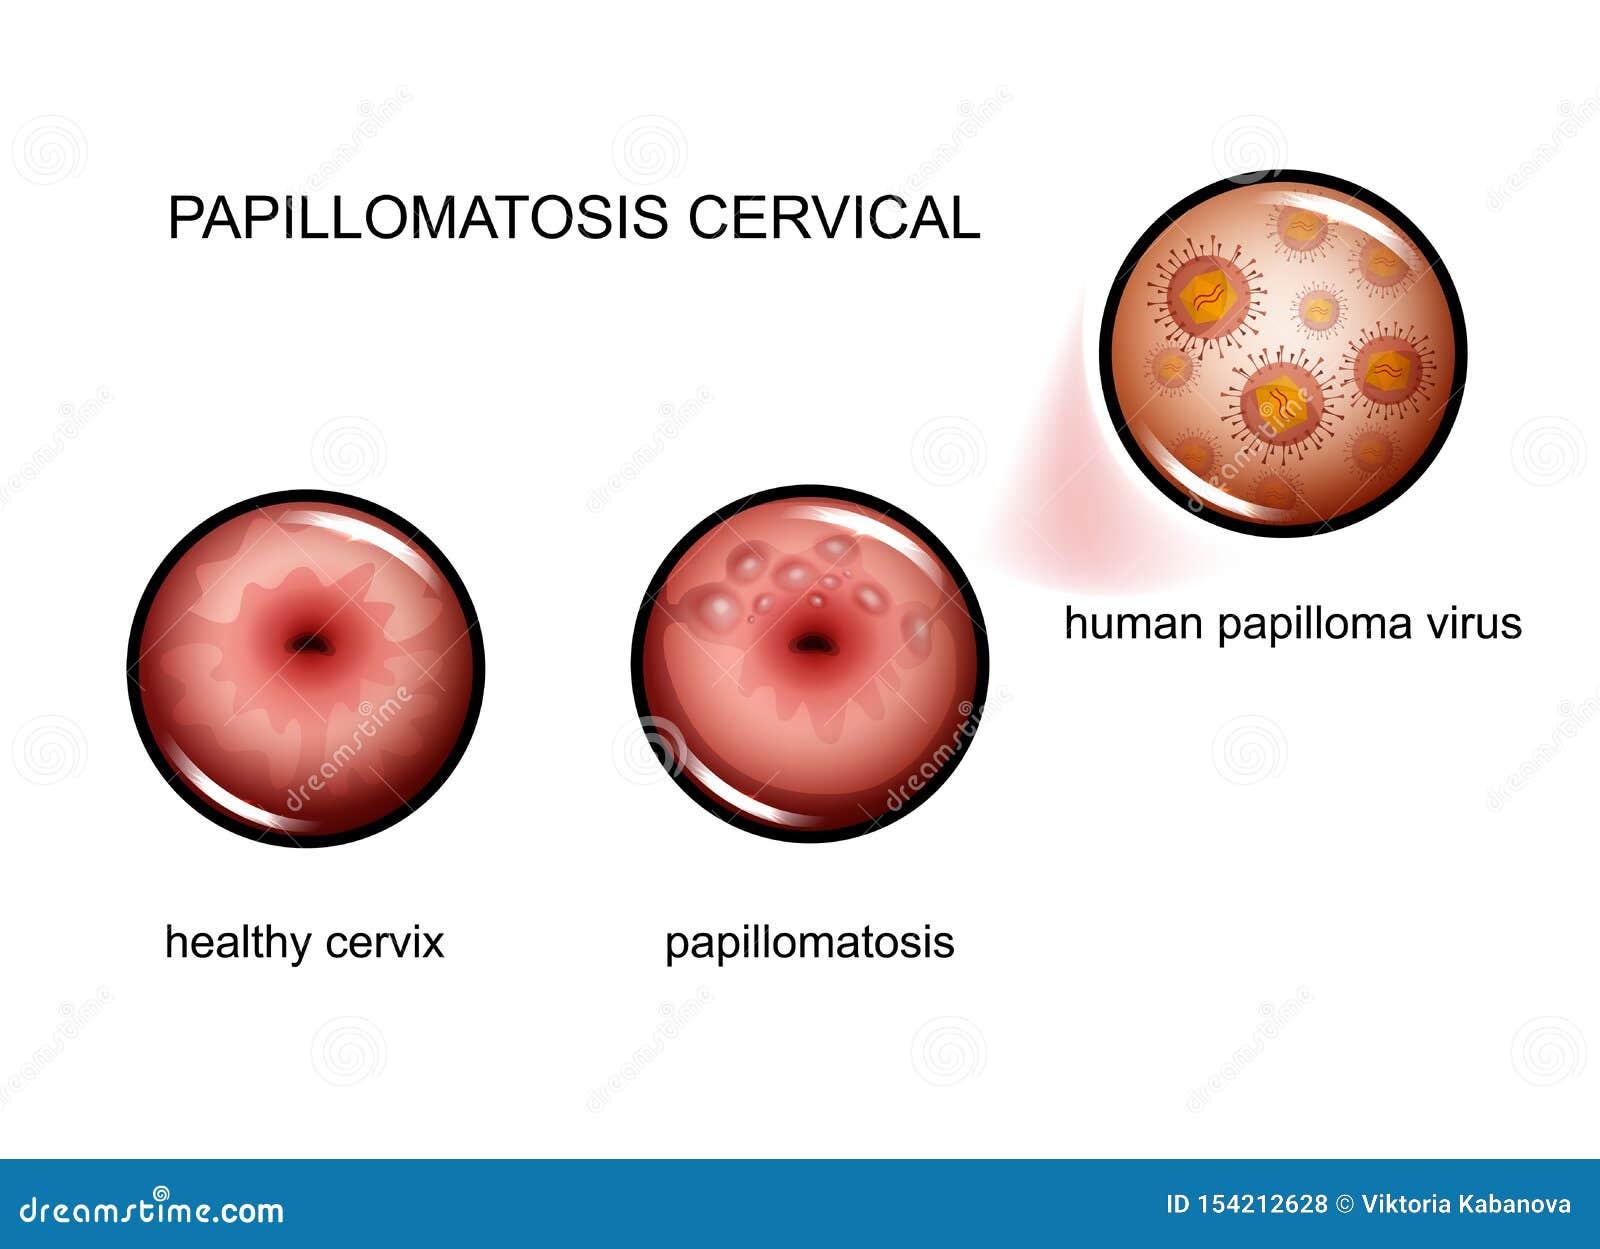 papilloma hpv virus